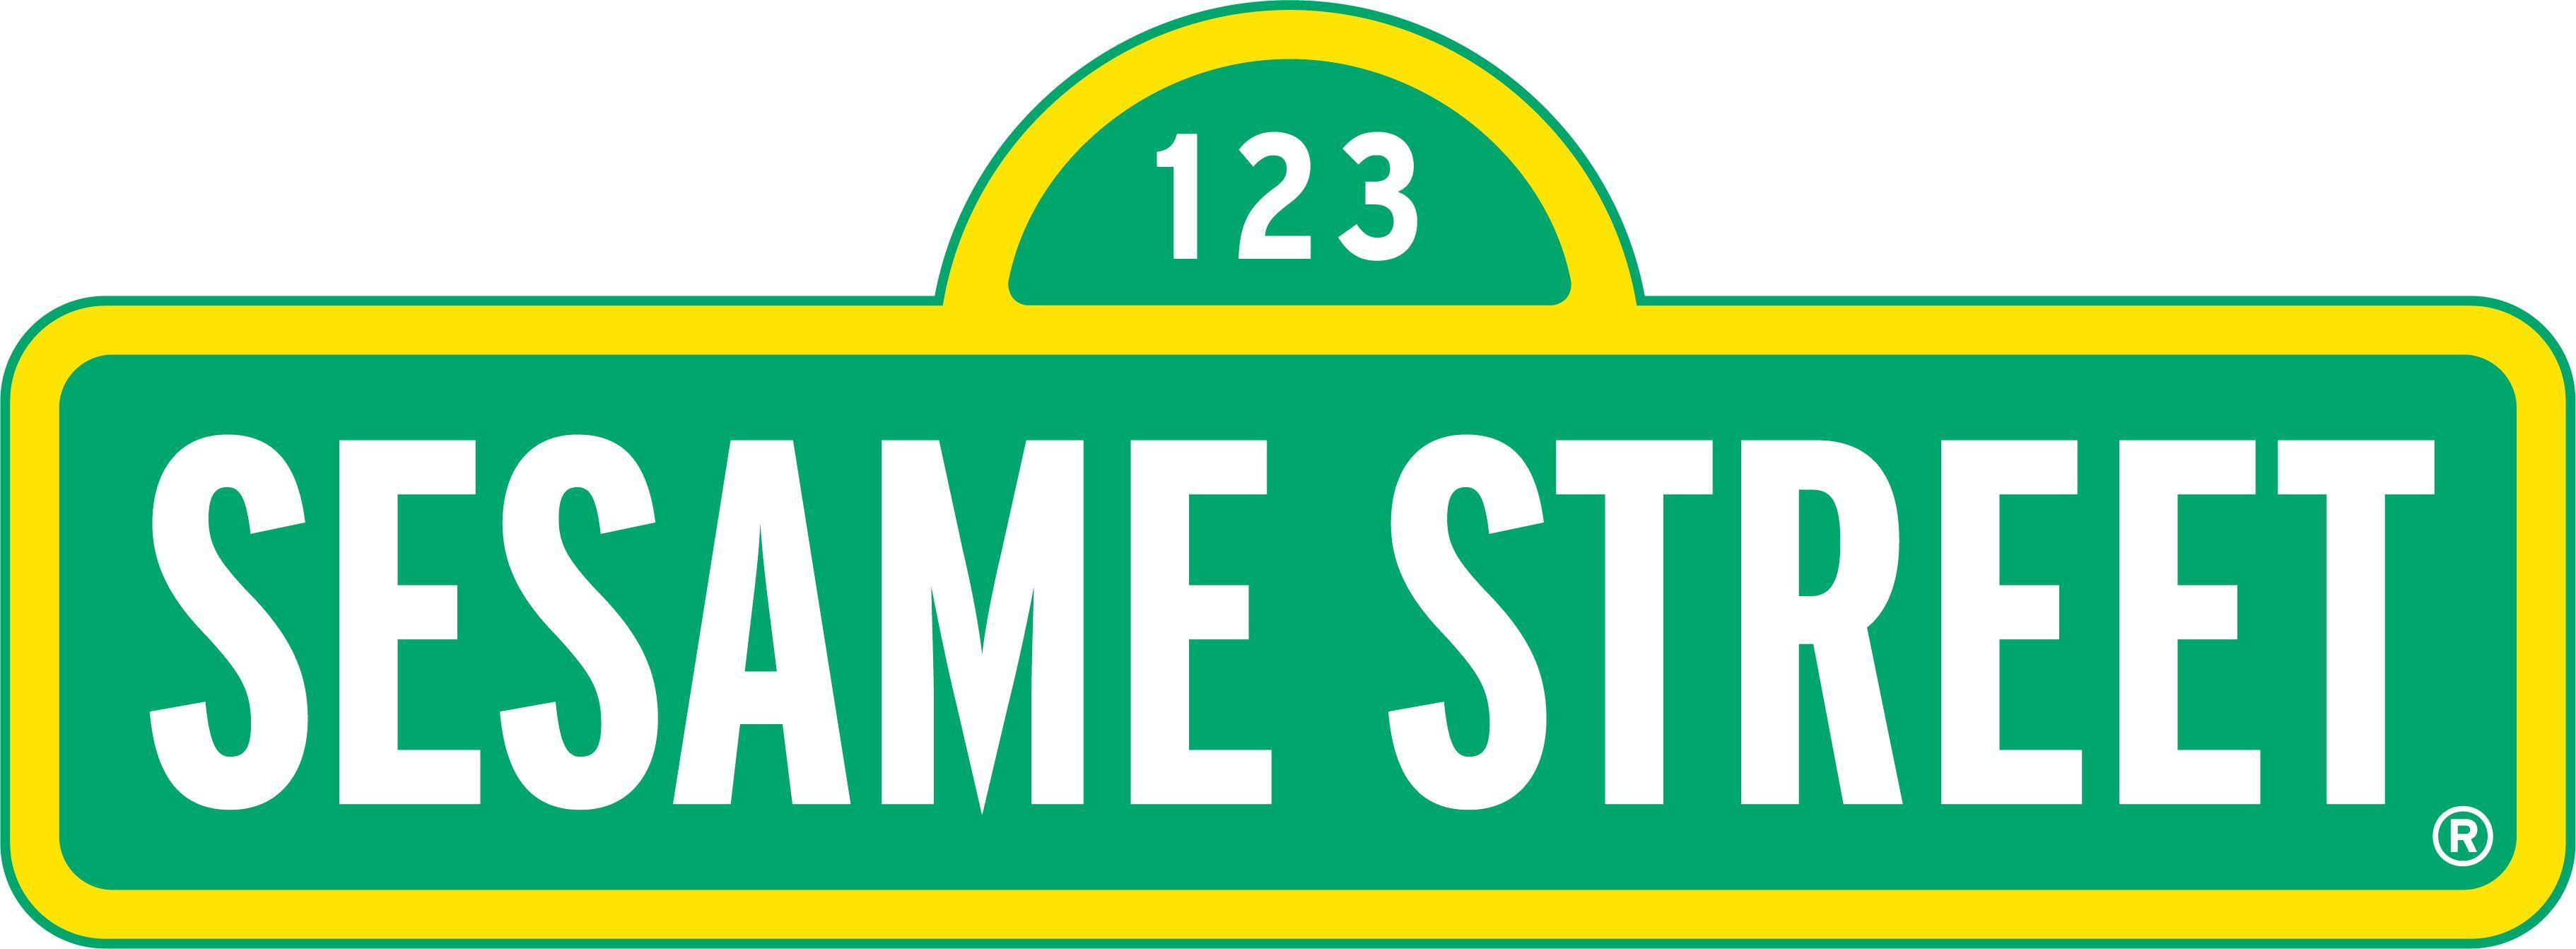 Sesame Street Street Sign Sesame Street Signs Sesame Street